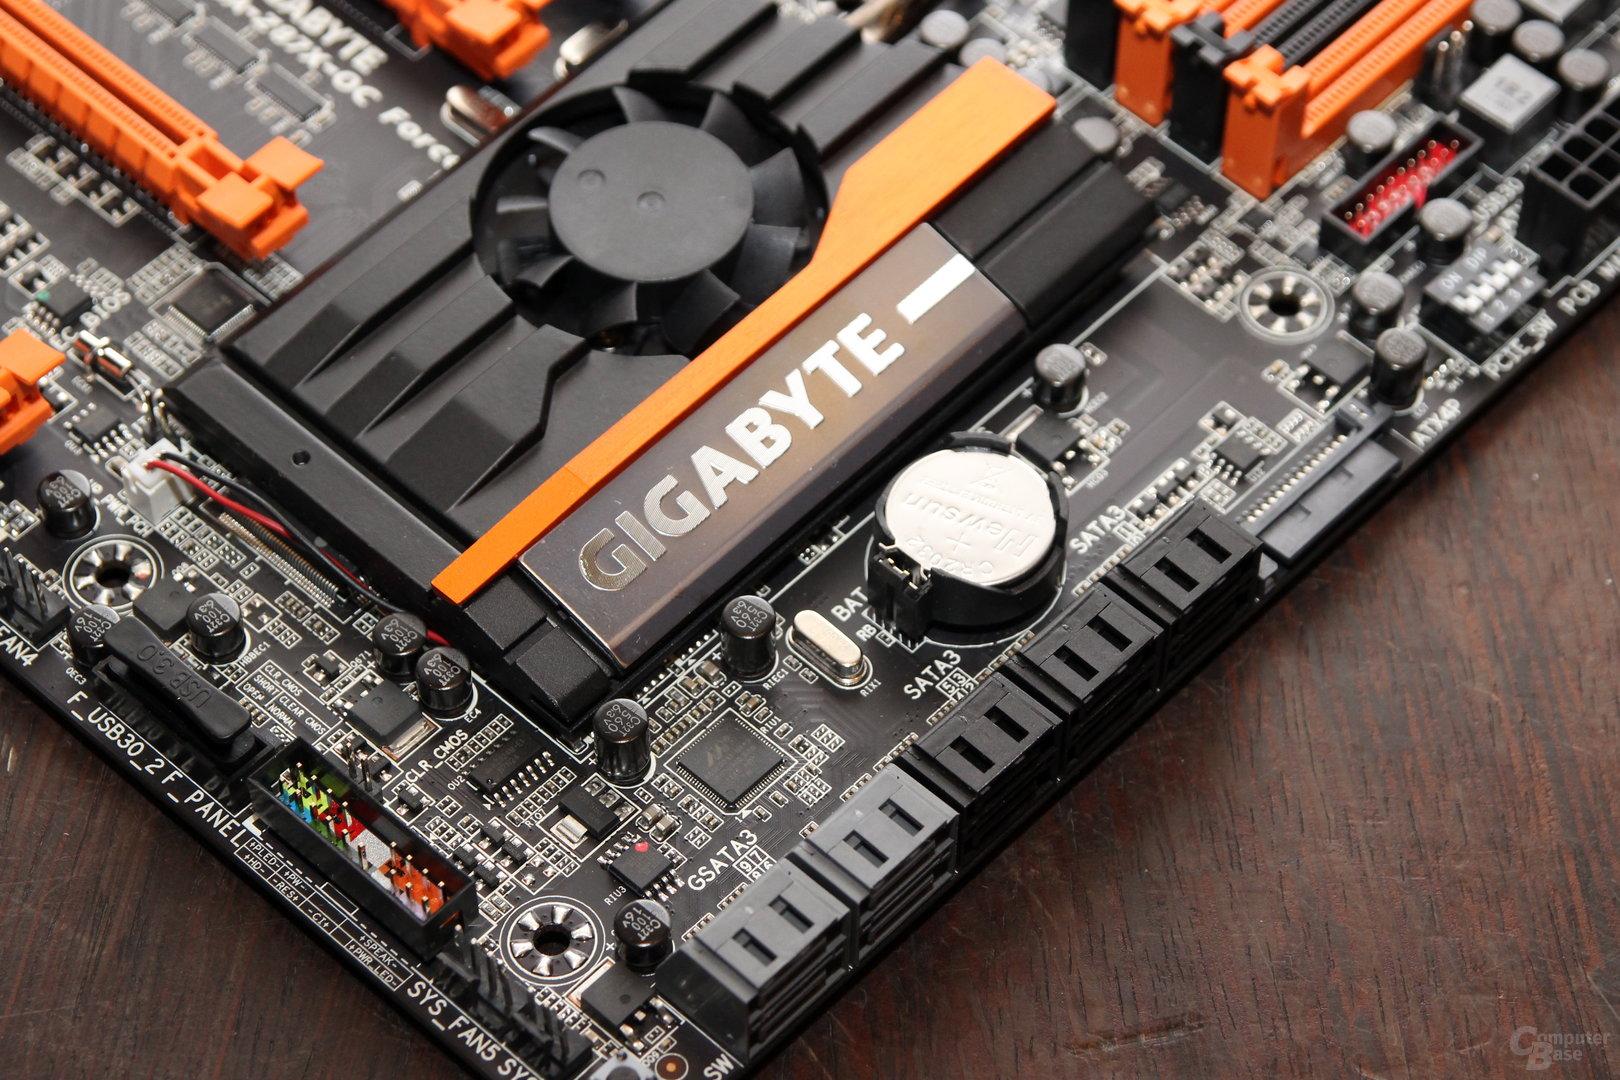 Gigabyte GA-Z87X-OC Force